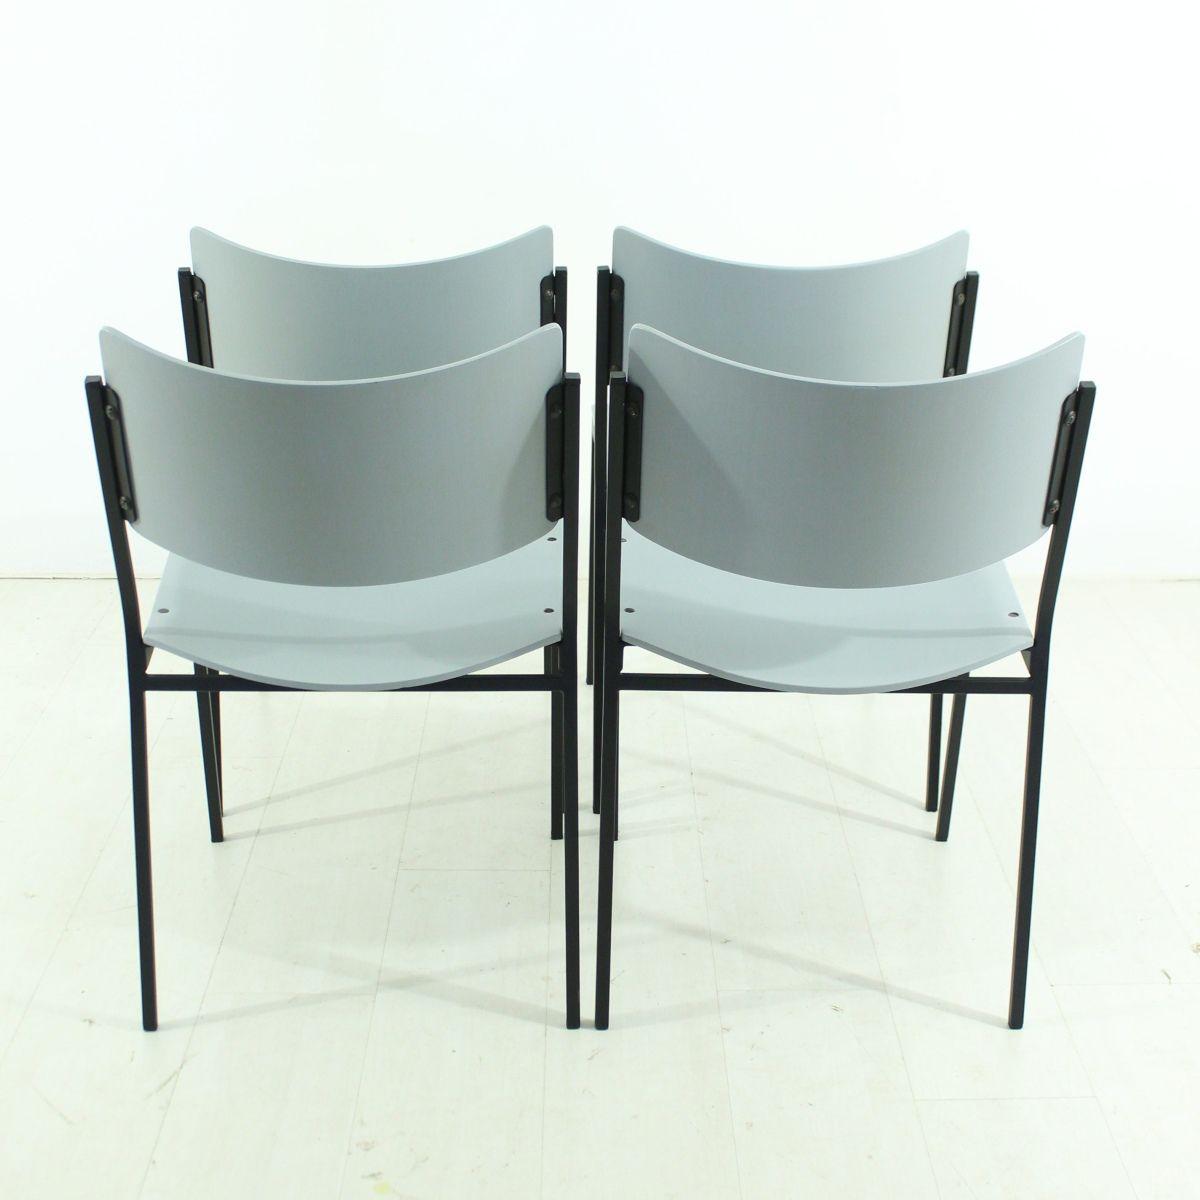 graue vintage st hle 4er set bei pamono kaufen. Black Bedroom Furniture Sets. Home Design Ideas